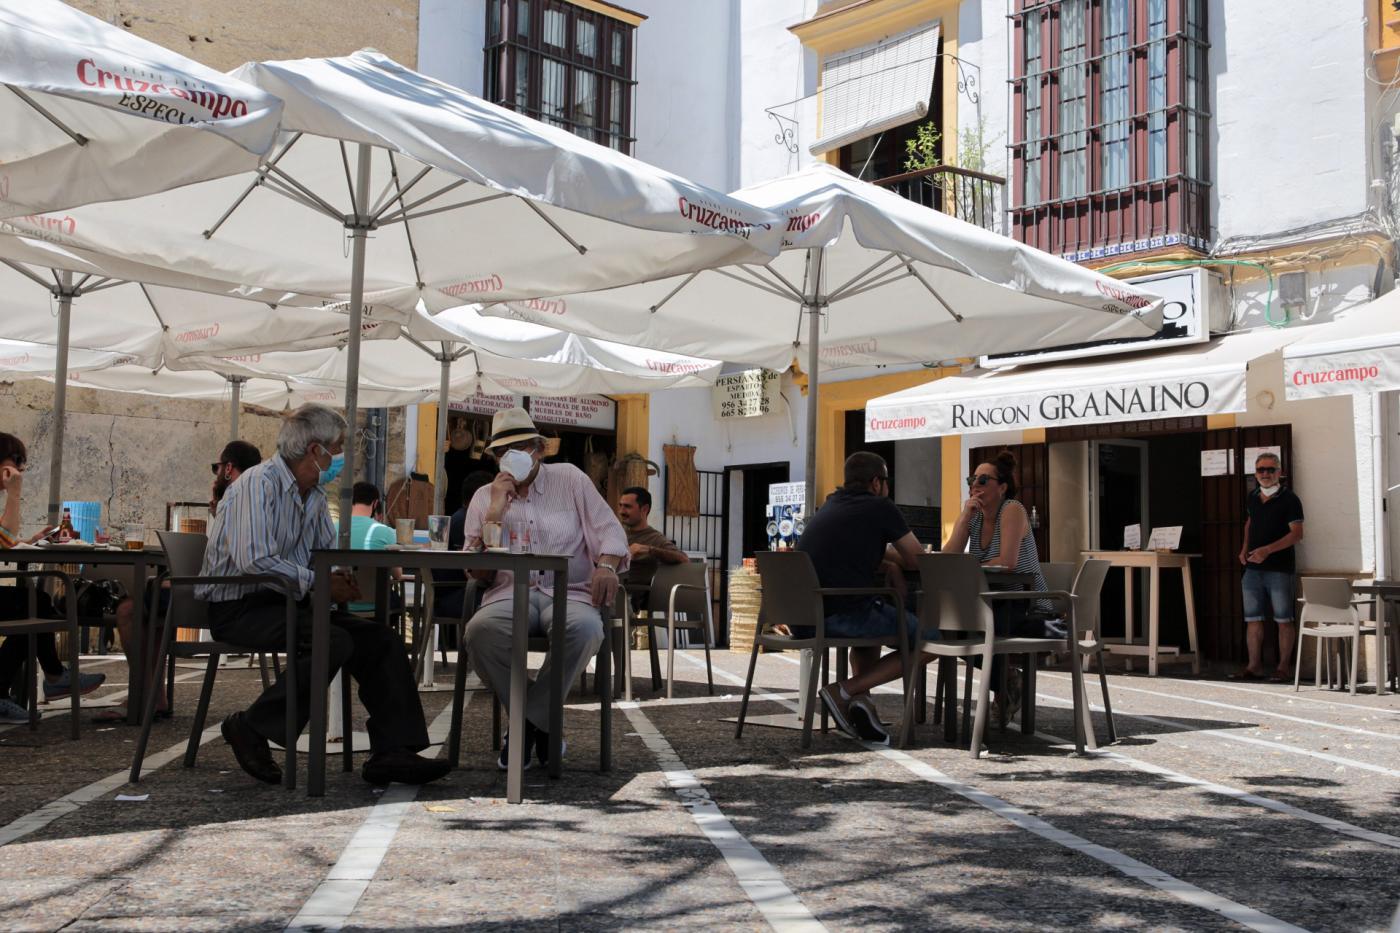 Jerez lidera la contratación vinculada al sector turístico en la provincia de Cádiz